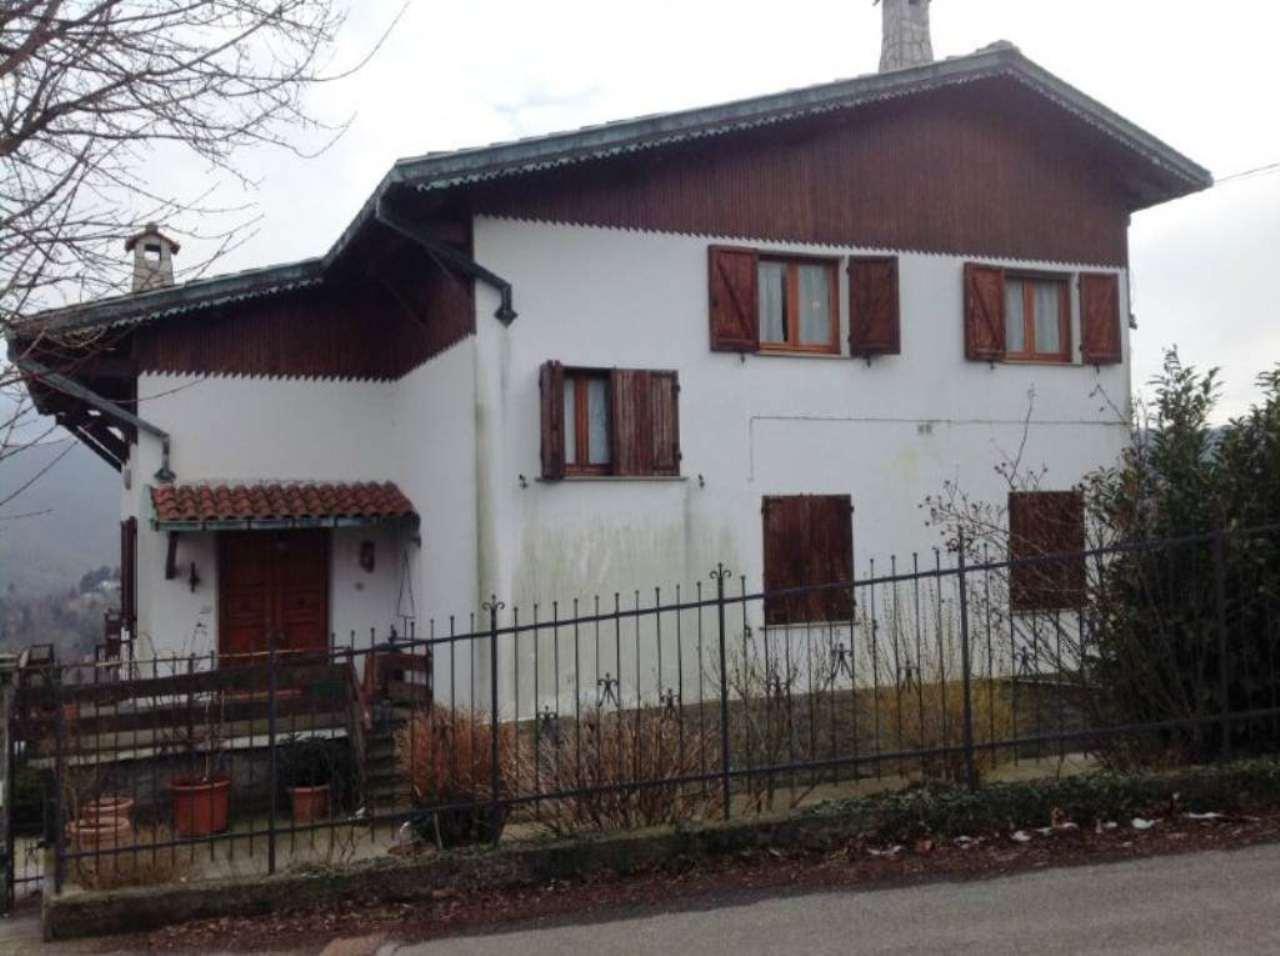 Soluzione Indipendente in vendita a Busalla, 9999 locali, prezzo € 530.000 | Cambio Casa.it